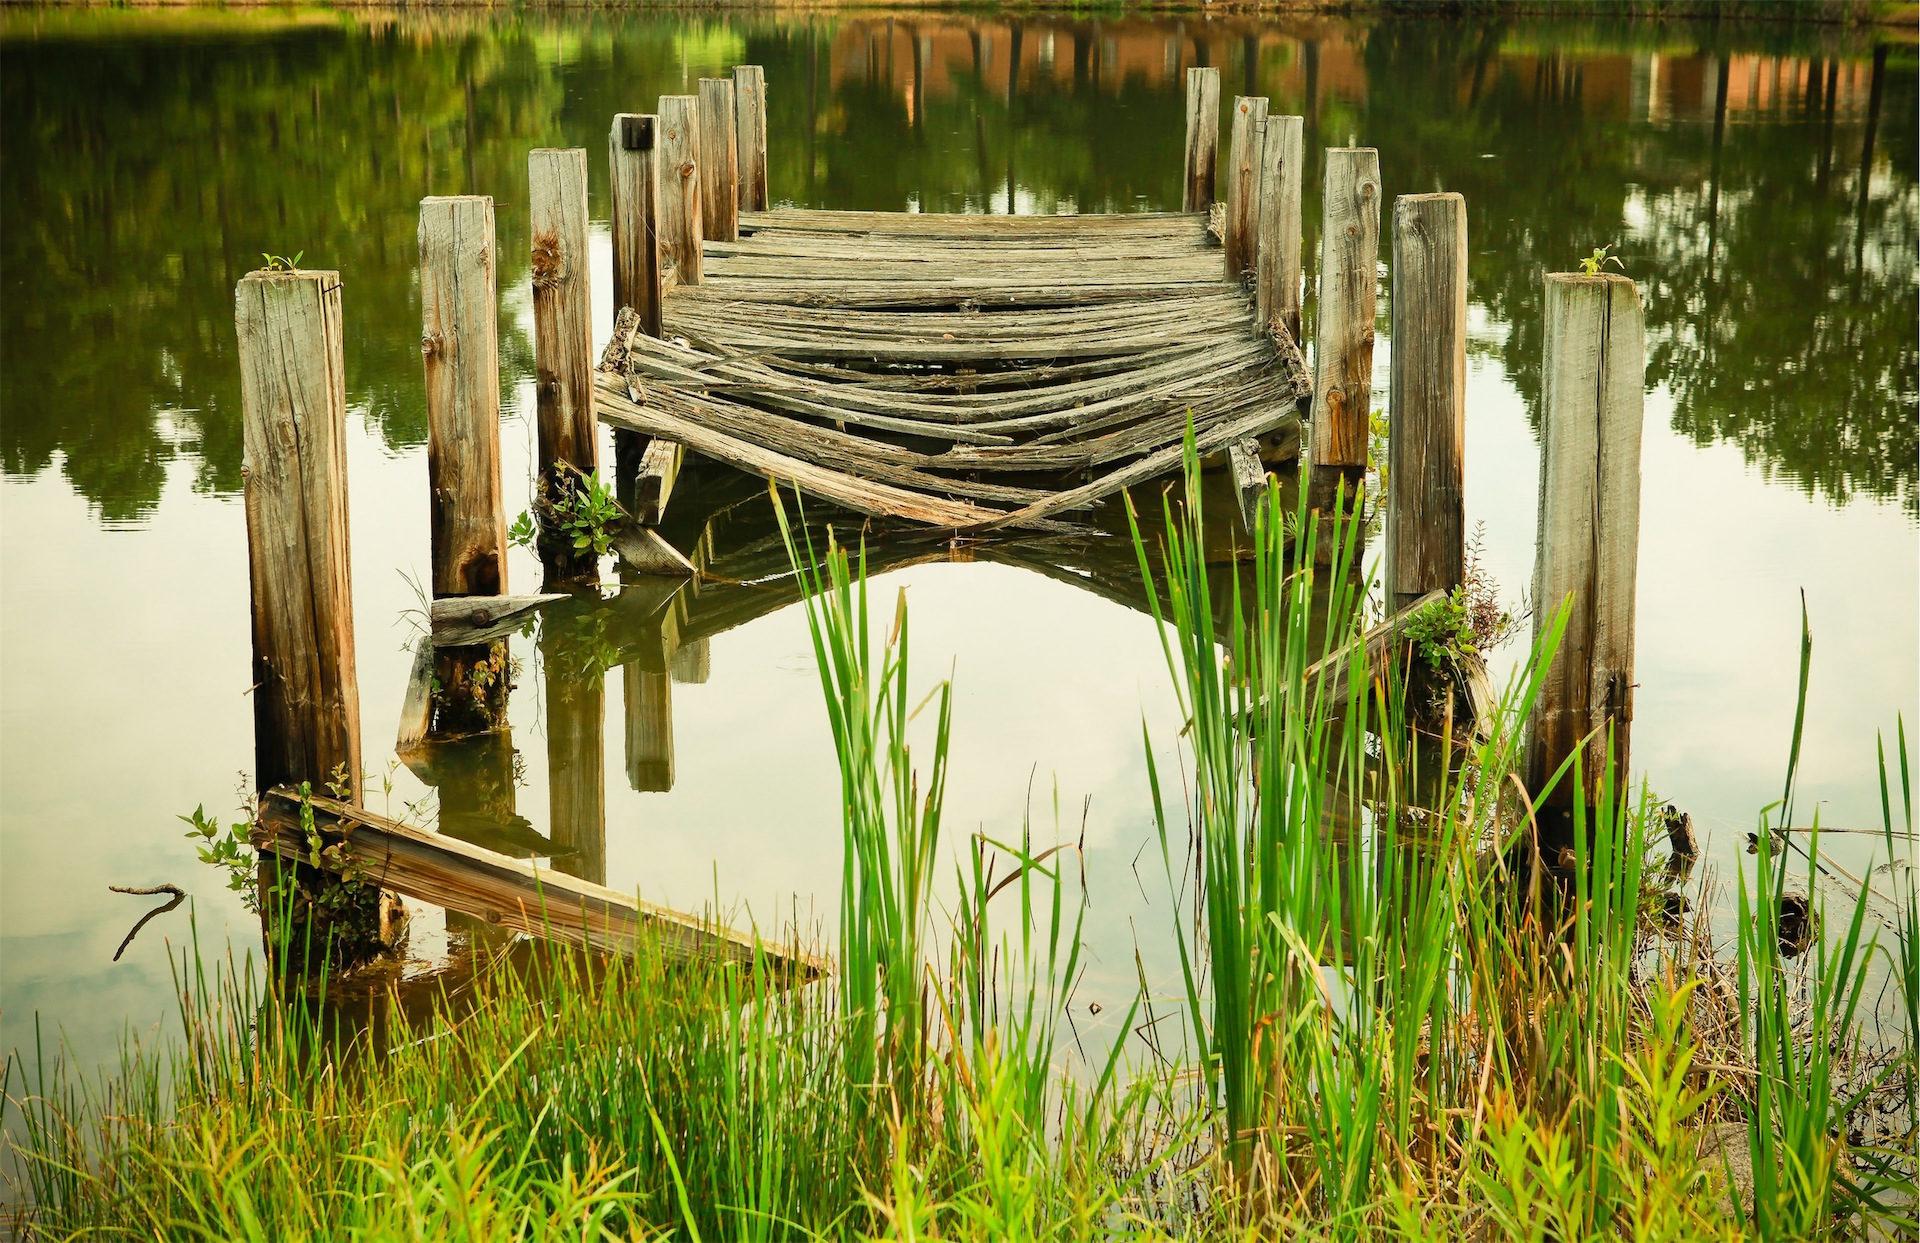 ブリッジ, 古い, 壊れた, 湖, 反射 - HD の壁紙 - 教授-falken.com